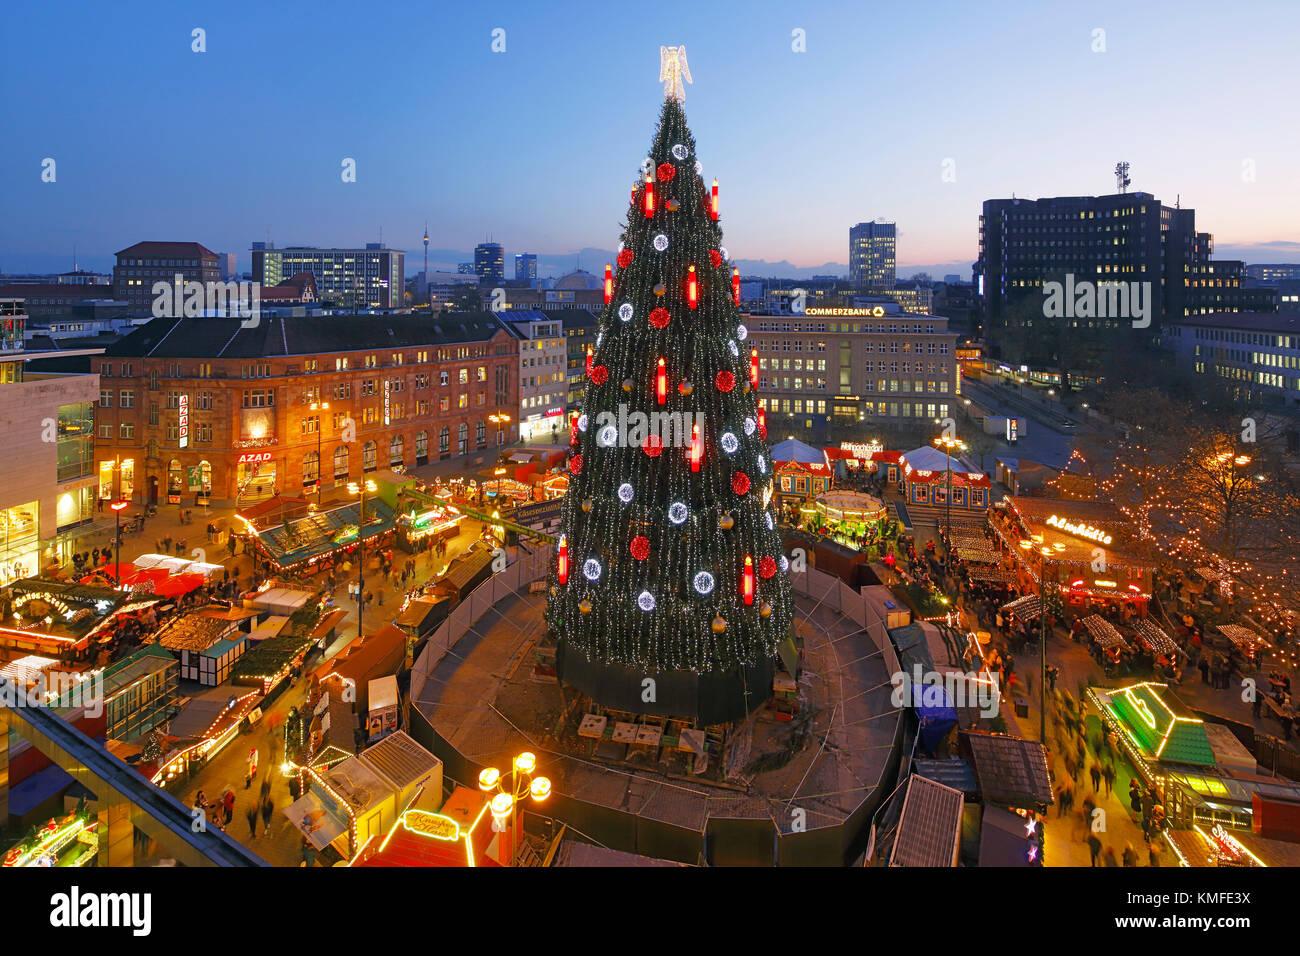 Christmas Fair Dortmund Stockfotos & Christmas Fair Dortmund Bilder ...